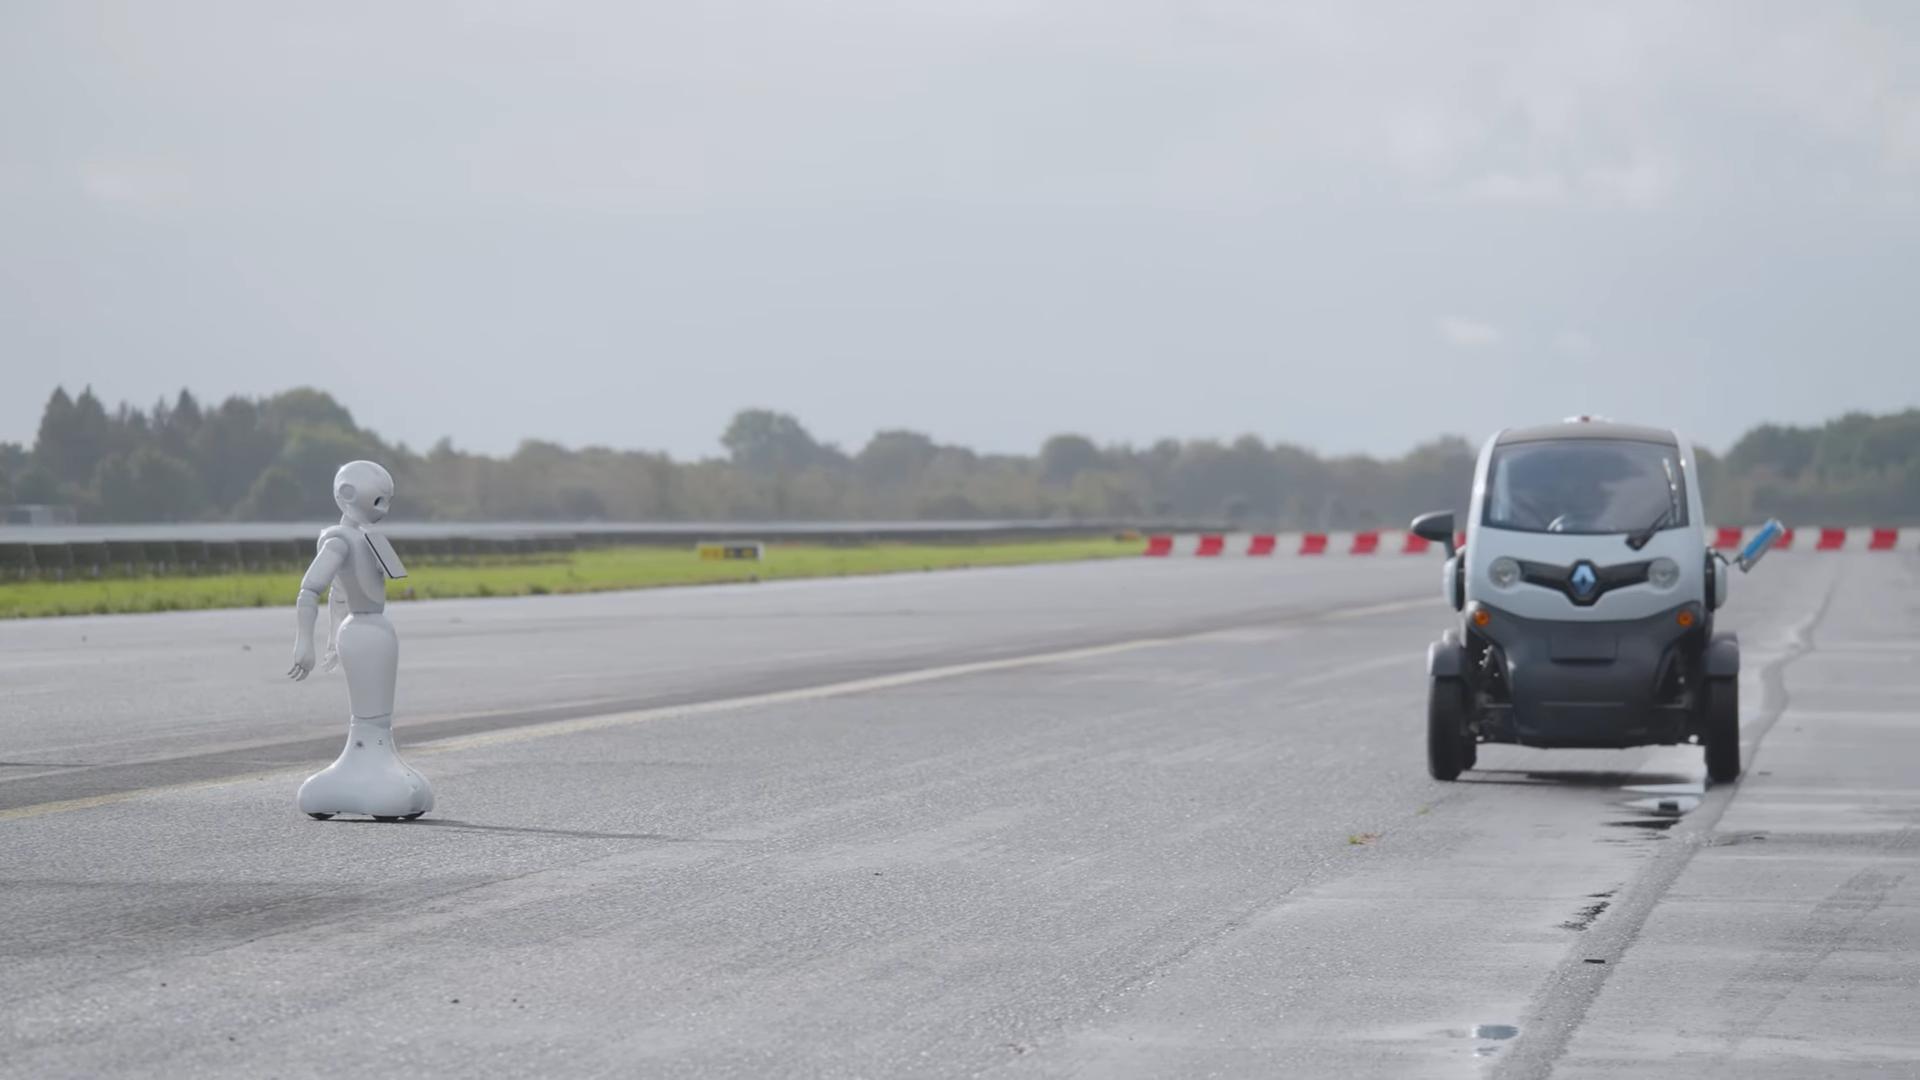 Autonomous vehicle and robot